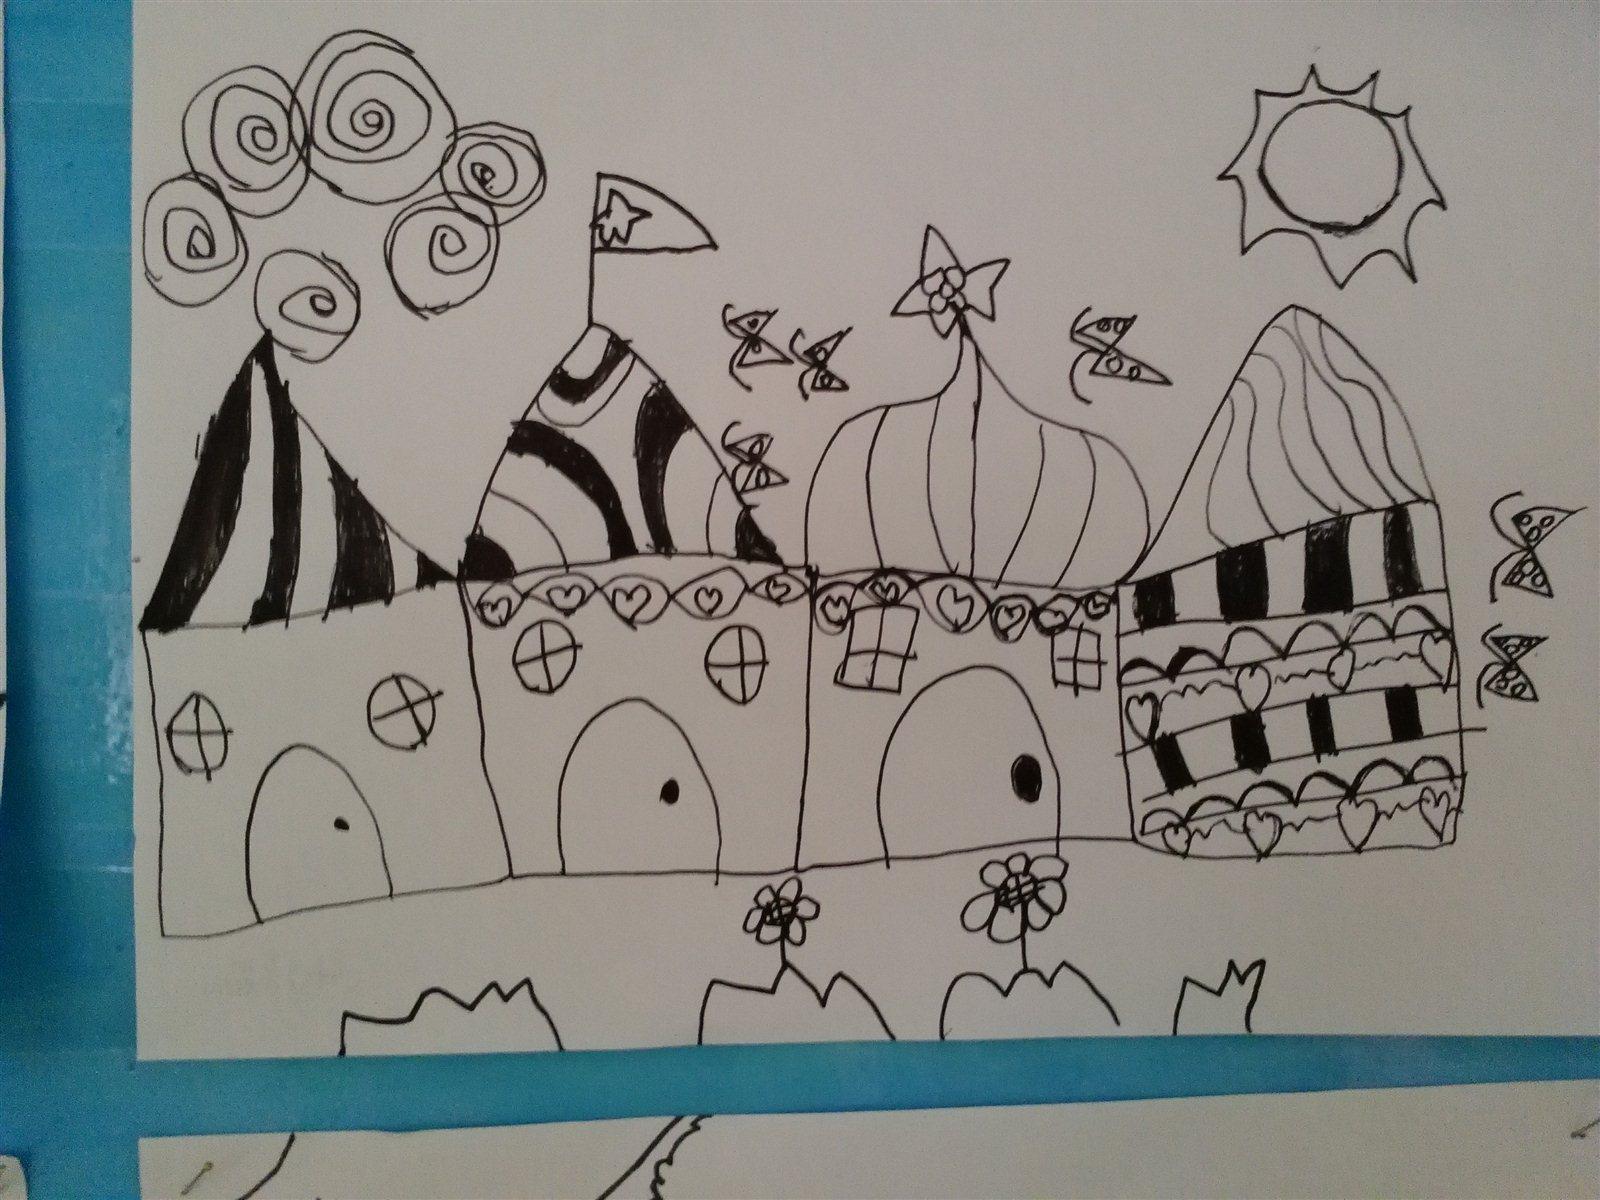 孩子们的第一次线描画作品:美丽的房子.不错吧?